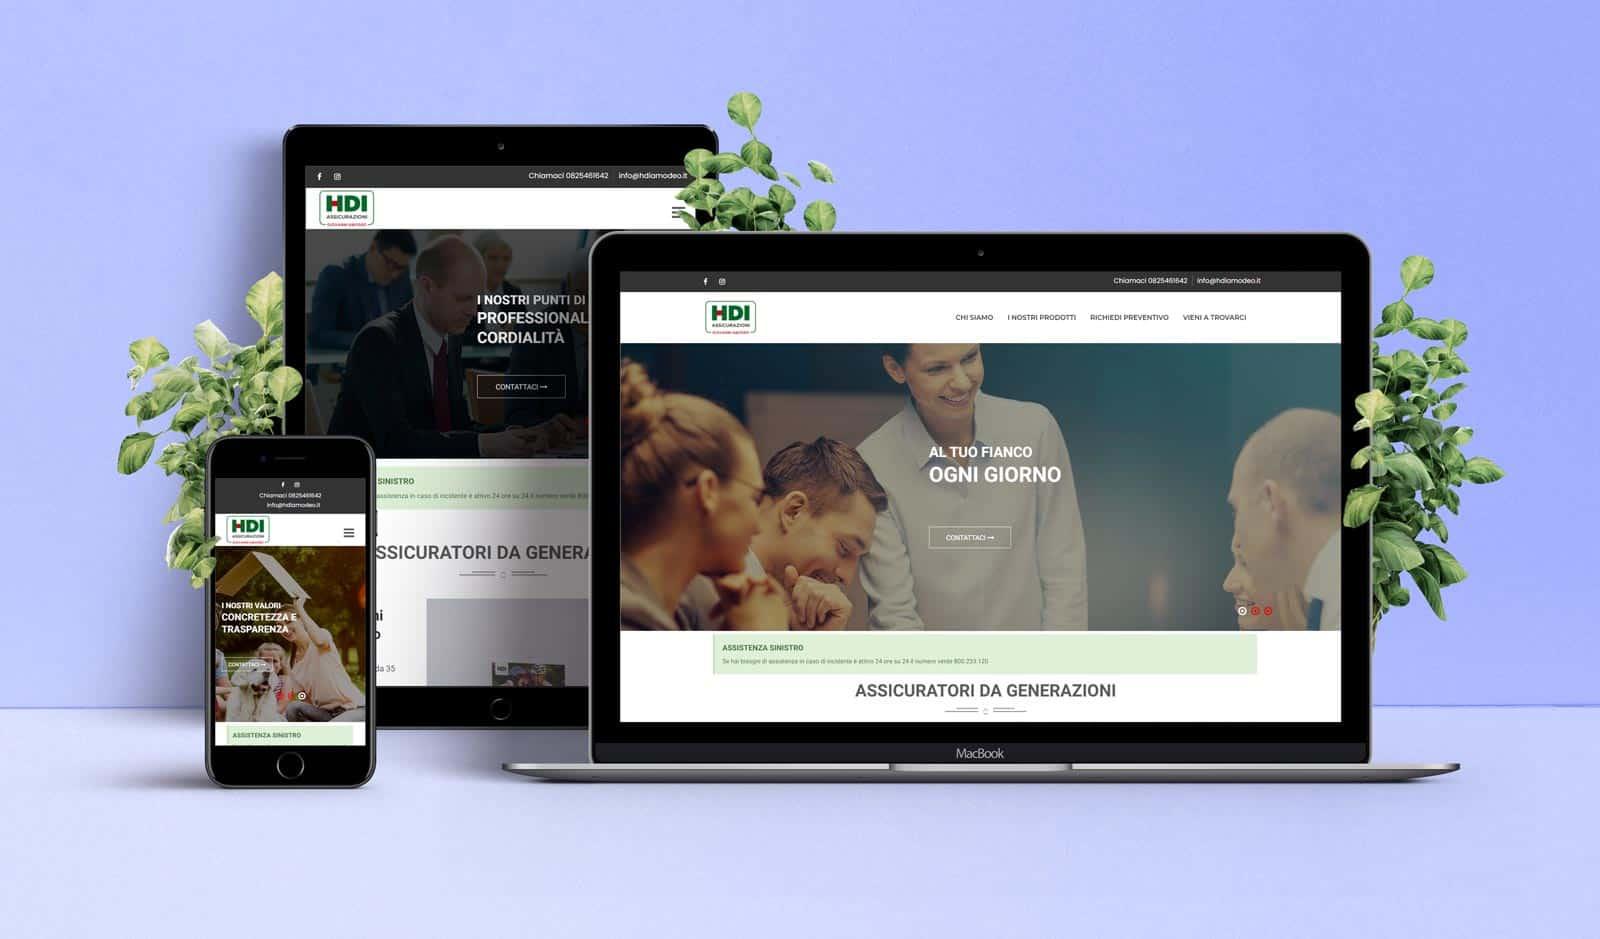 Assicurazioniavellino.com – Sviluppo Sito Web